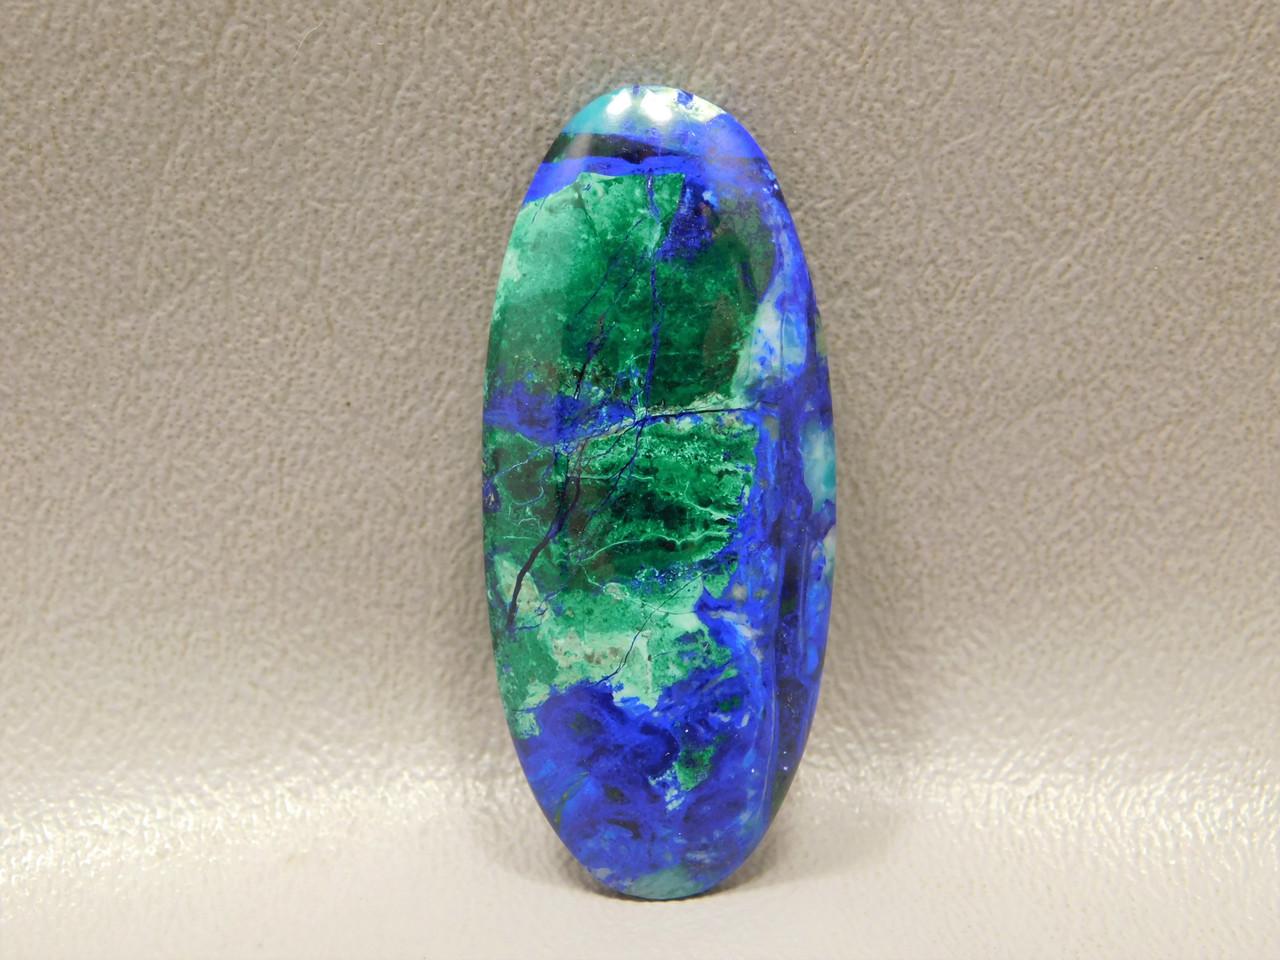 Stone Cabochon Chatoyant Azurite Malachite Thin Oval #12